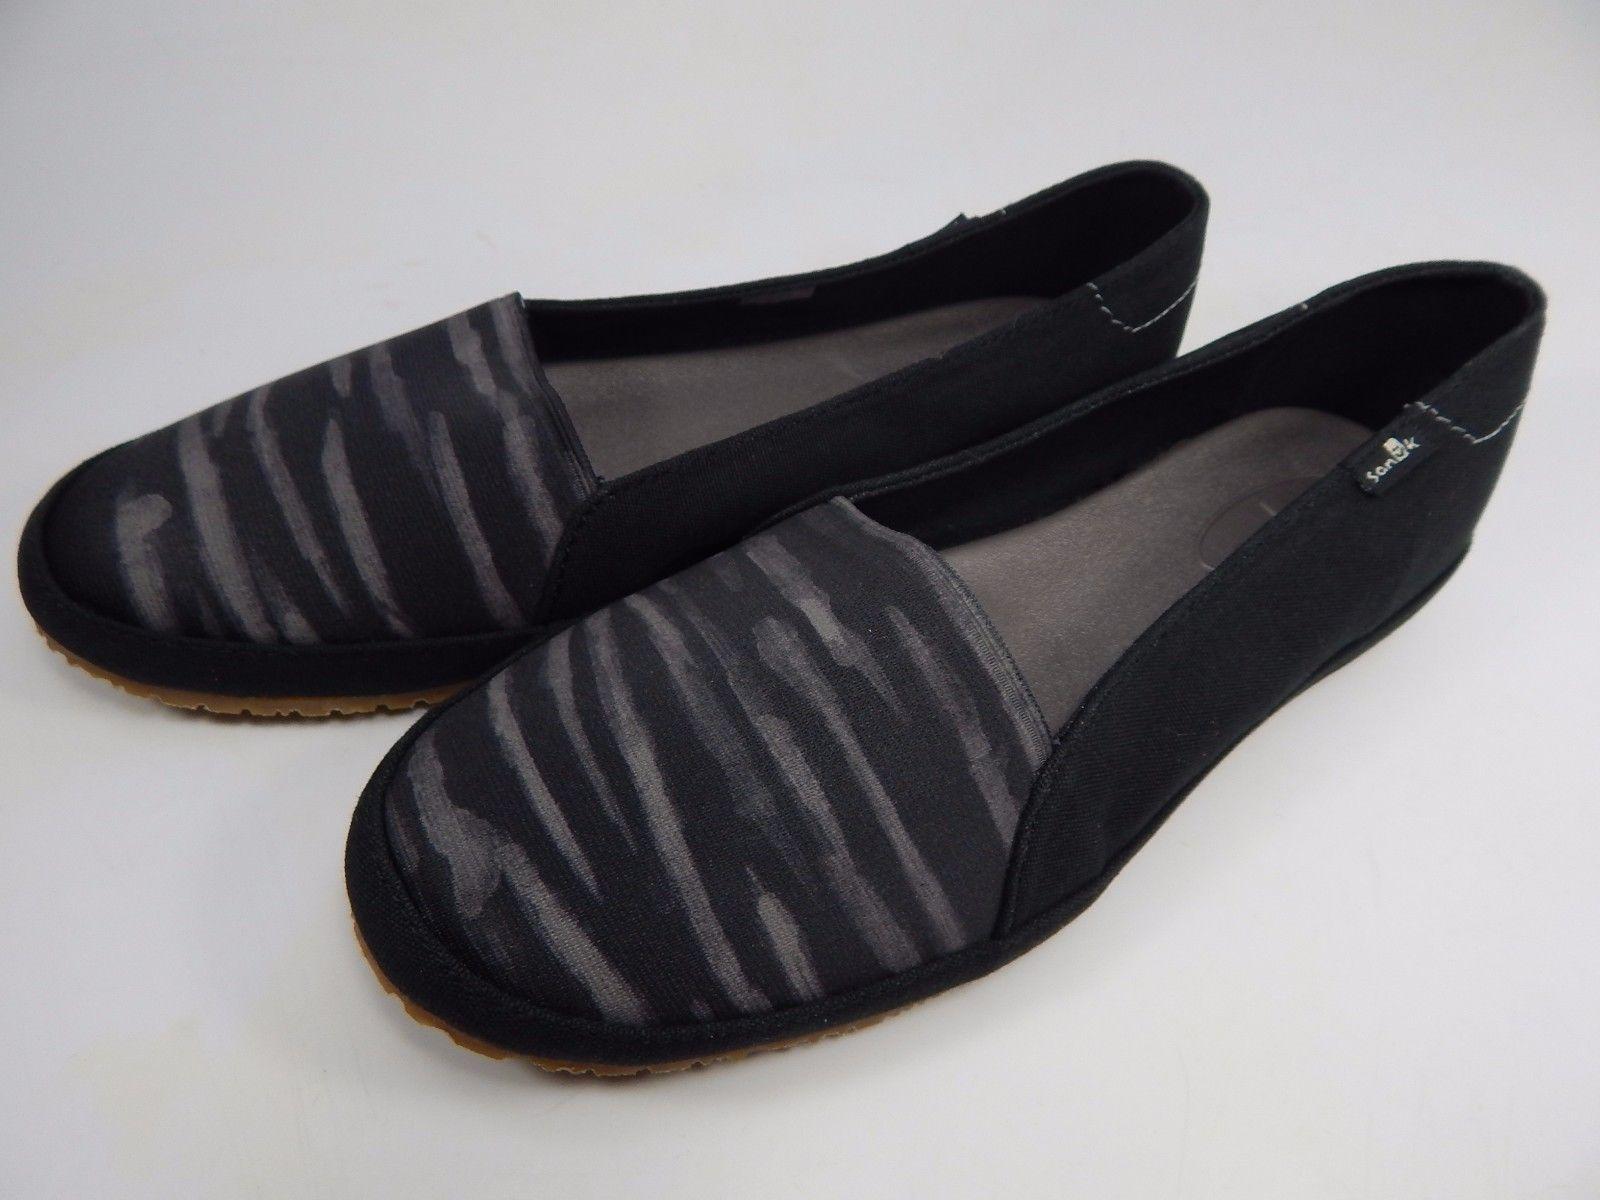 Sanuk Gore-Geous Black / Stripe Women's Casual Sandals Shoes Size US 7 M (B)